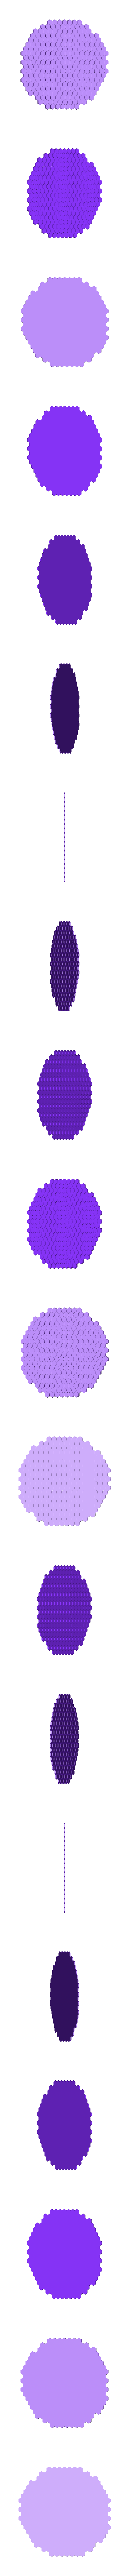 shieldsCircle_004.stl Télécharger fichier STL gratuit Boucliers ioniques tournants ! • Design pour impression 3D, FelixTheCrazy